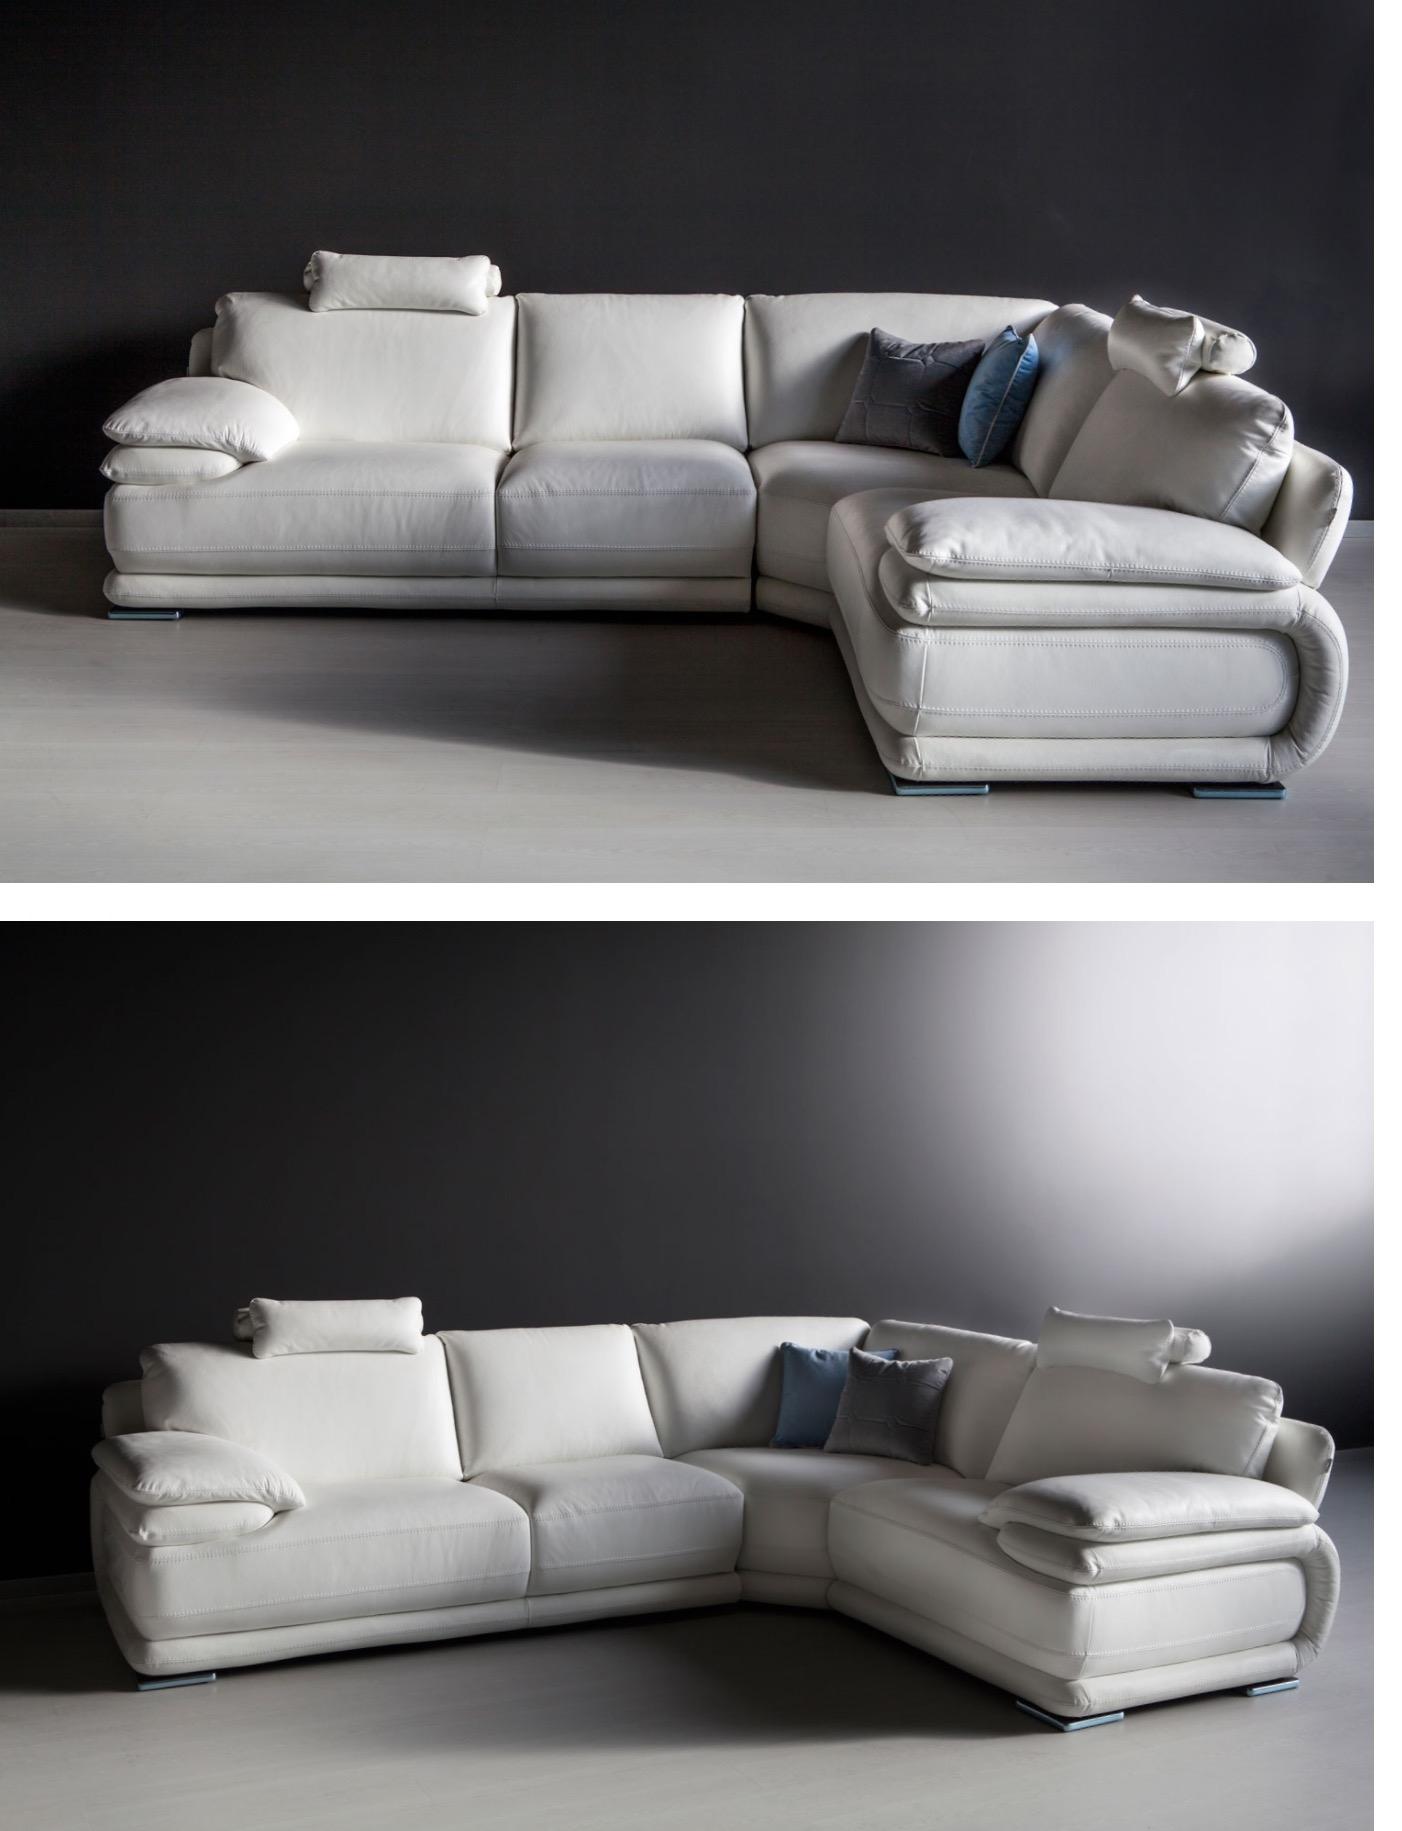 Divano angolare in pelle pieno fiore alta qualita divani for Divano angolare prezzi